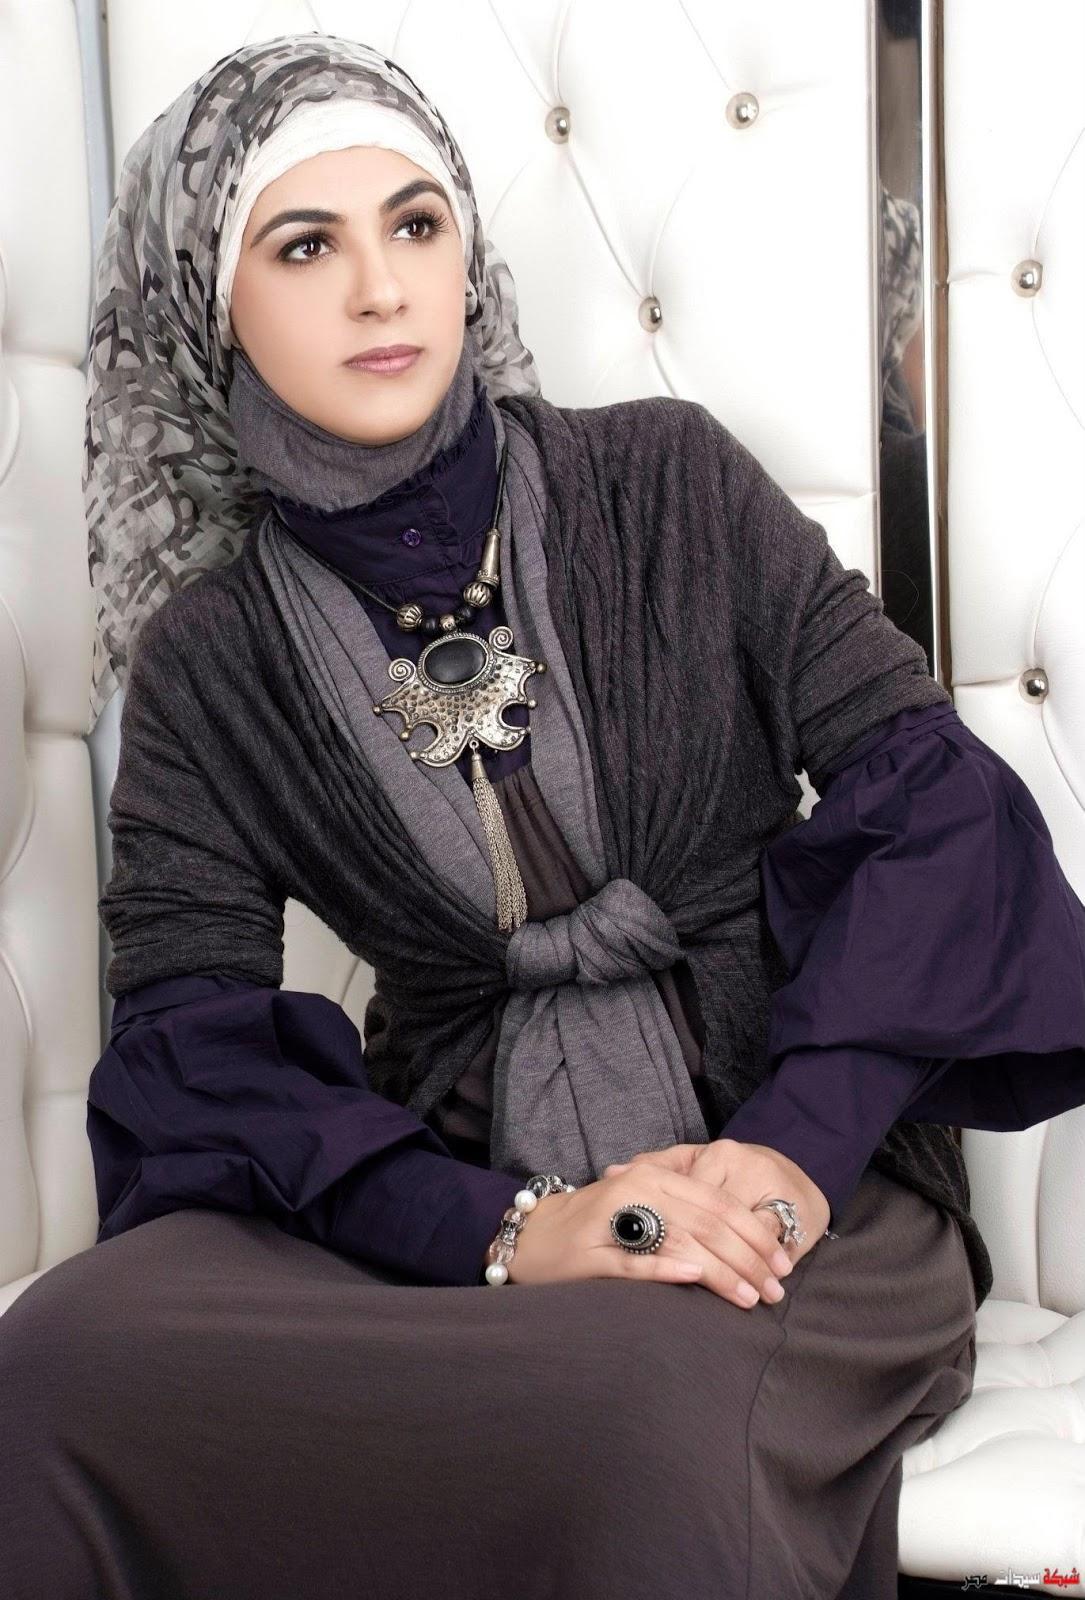 بالصور بنات مصر , البنت المصريه اجمل واجدع بنت 5939 8